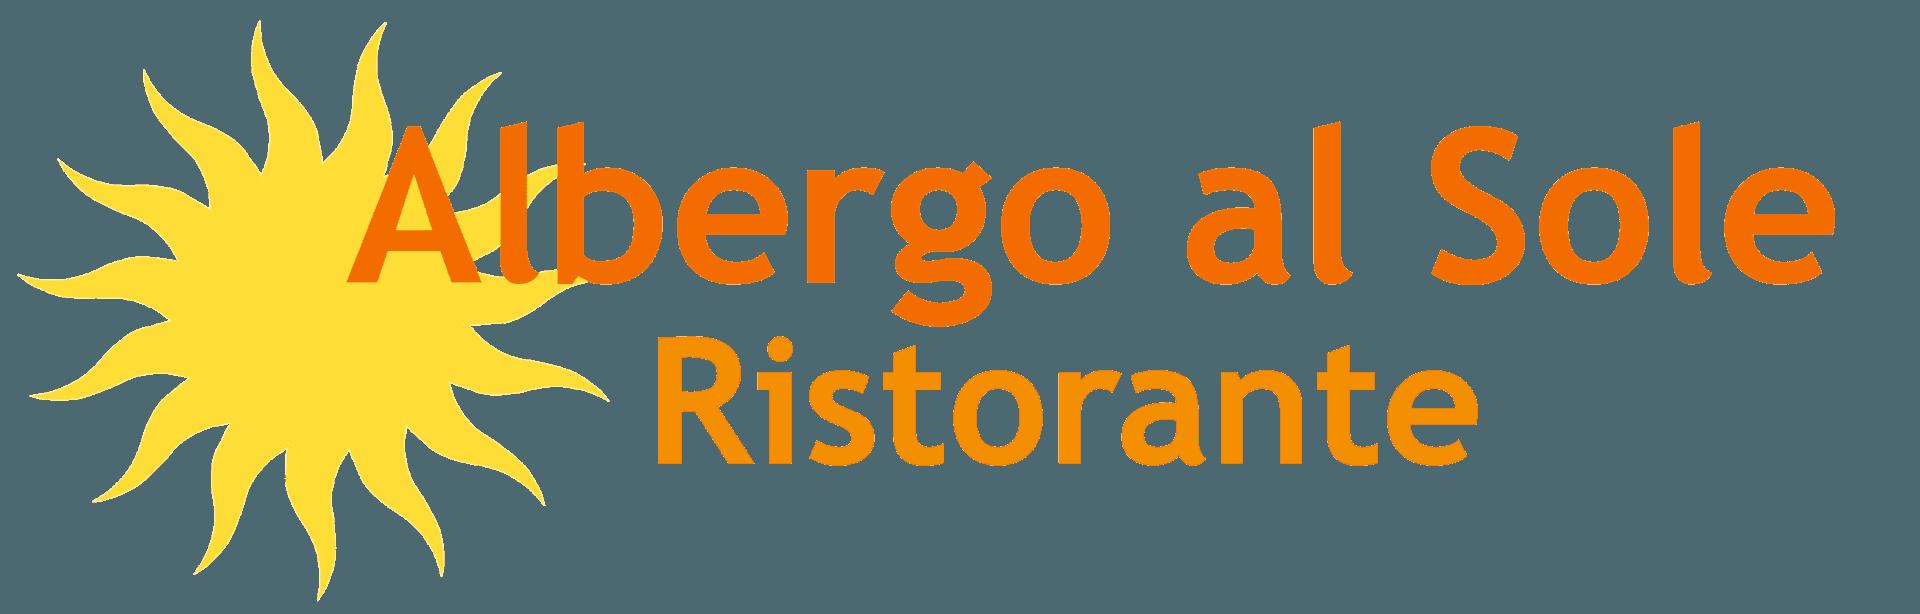 ALBERGOALSOLE - LOGO